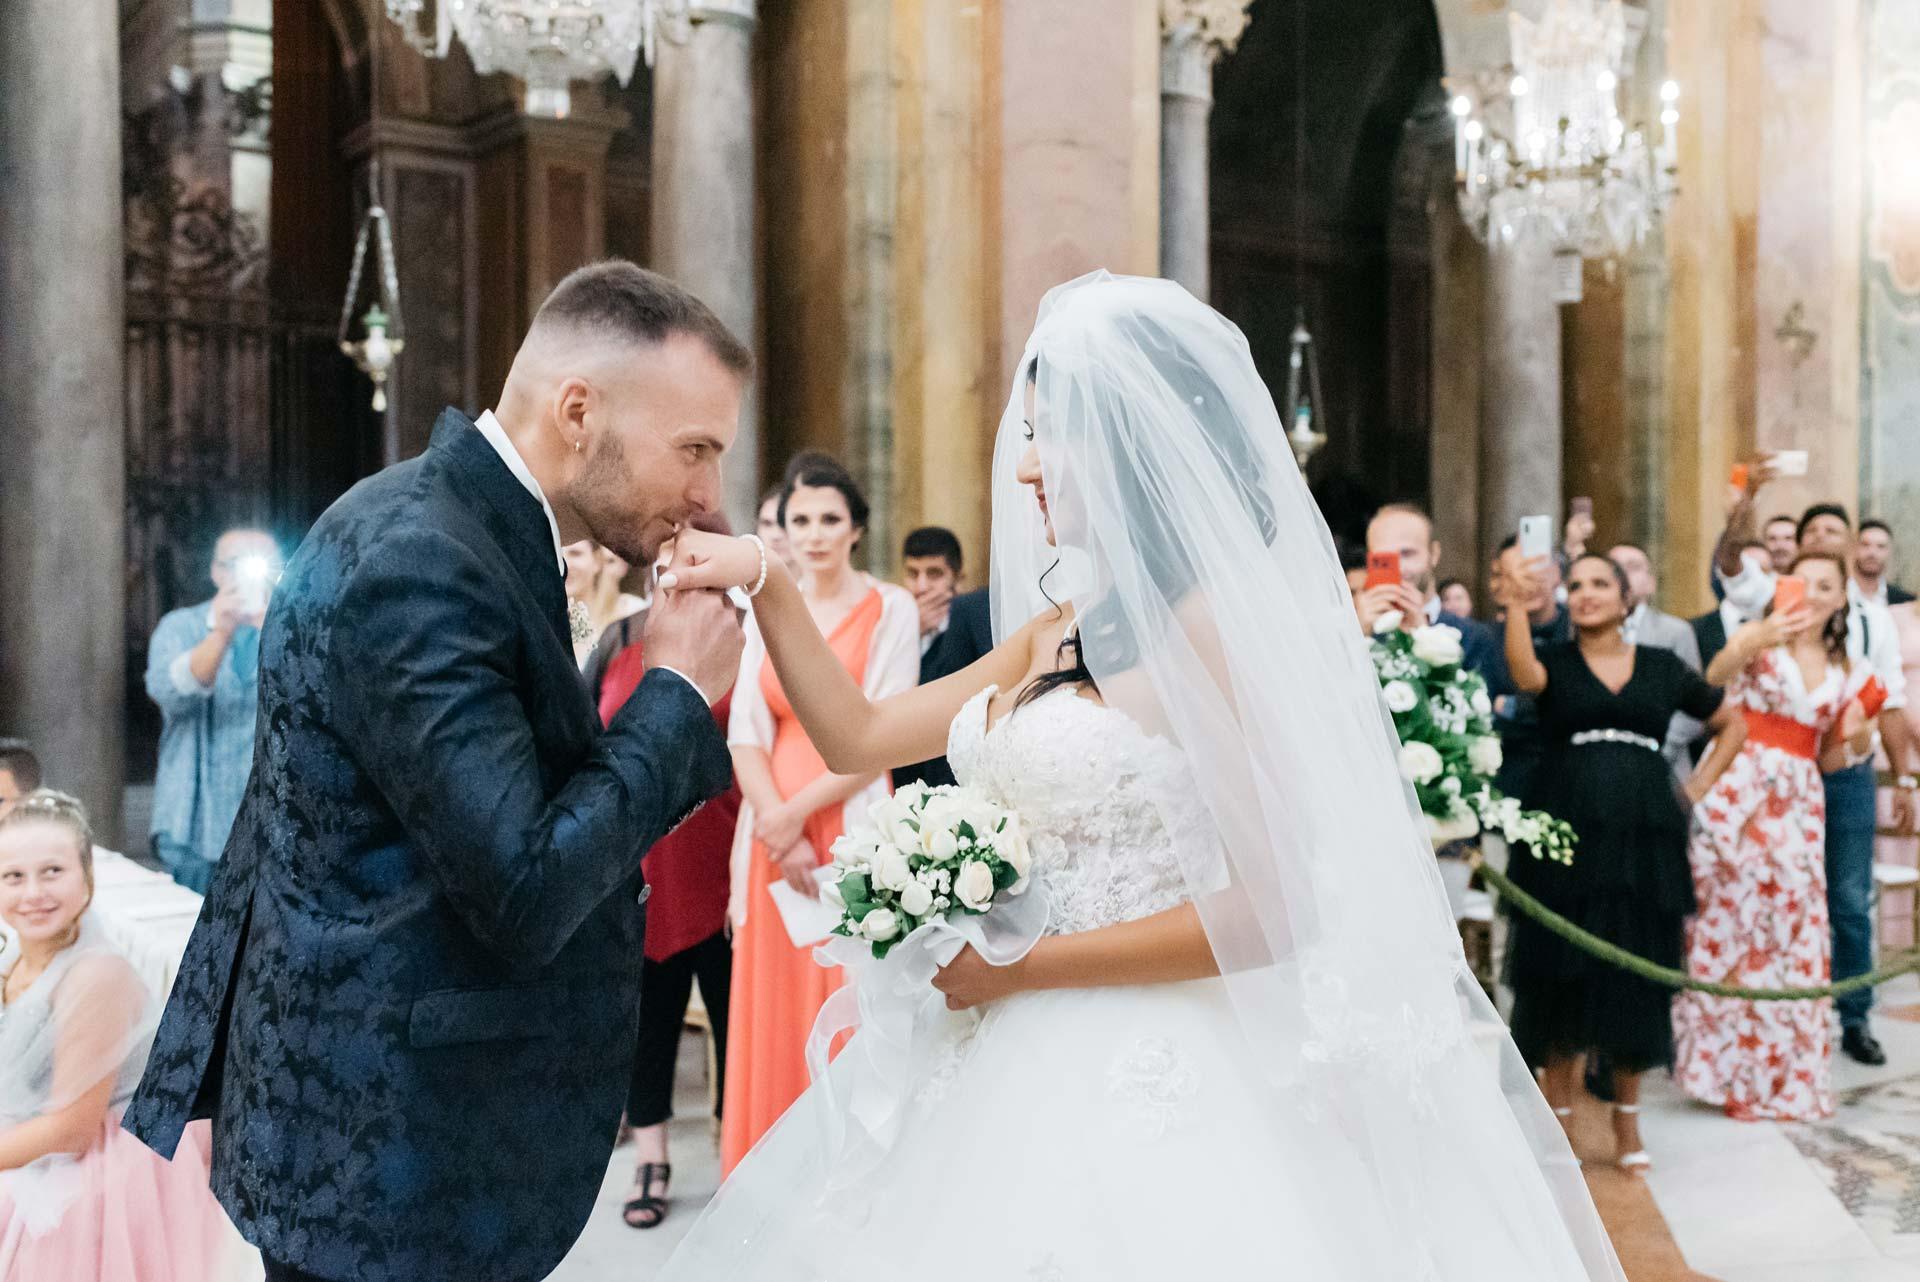 foto-matrimonio-spontanee-basilica-santi-giovanni-e-paolo-7